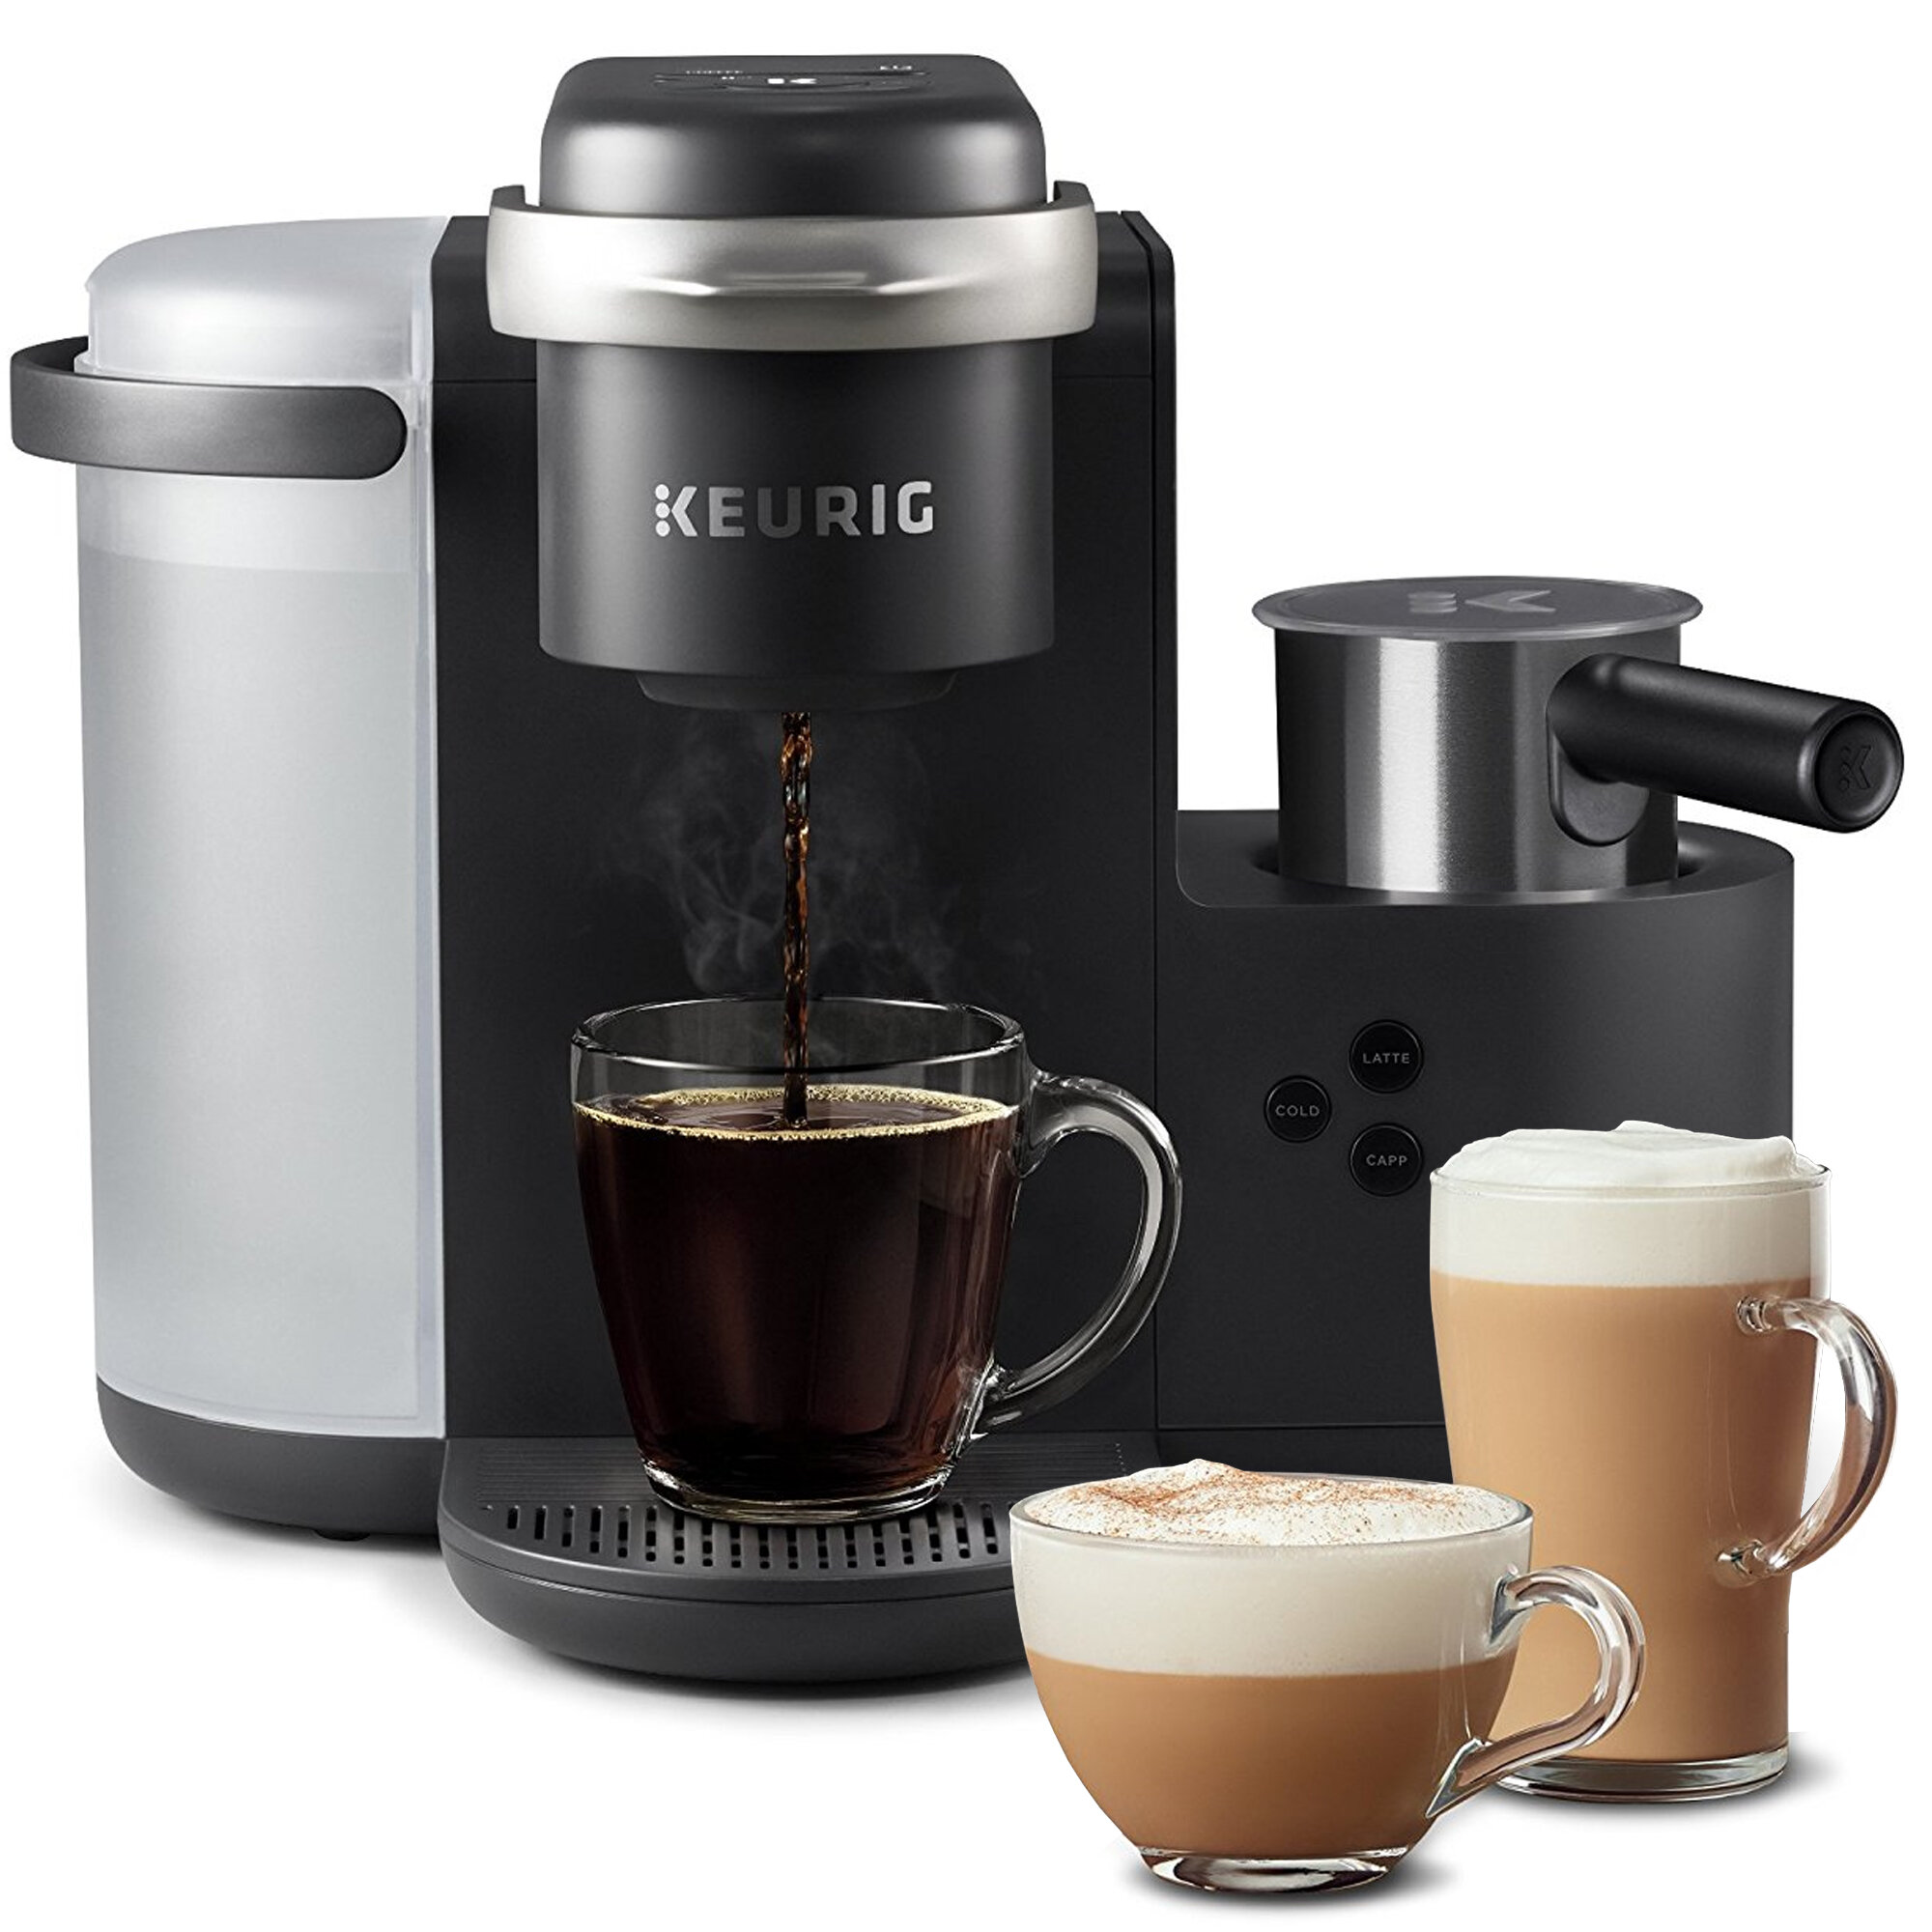 Keurig Single Serve K Cup K Cafe Coffee Maker Reviews Wayfair